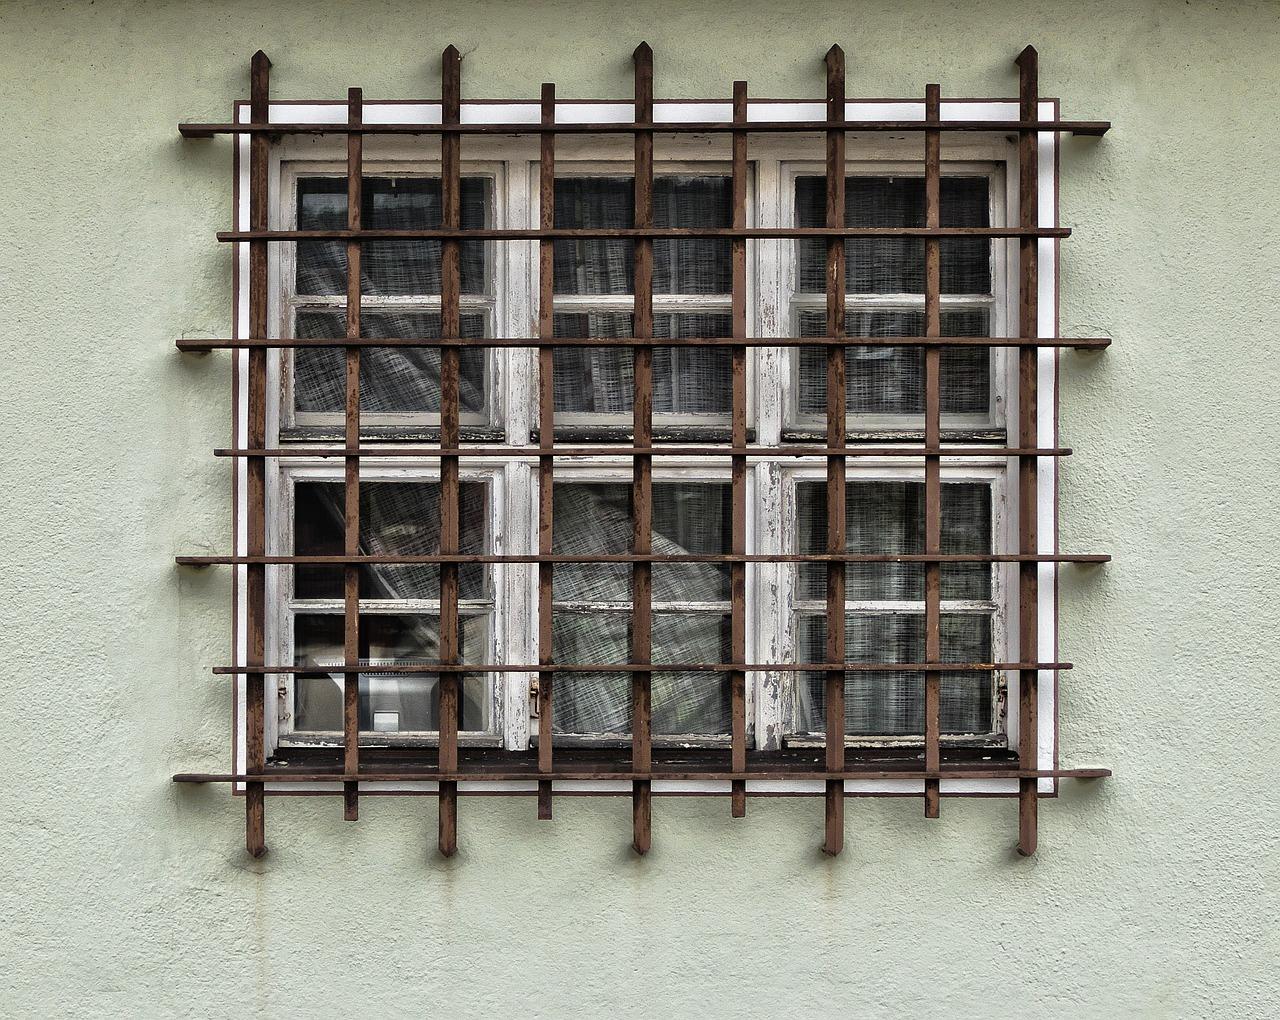 facade, grid, window